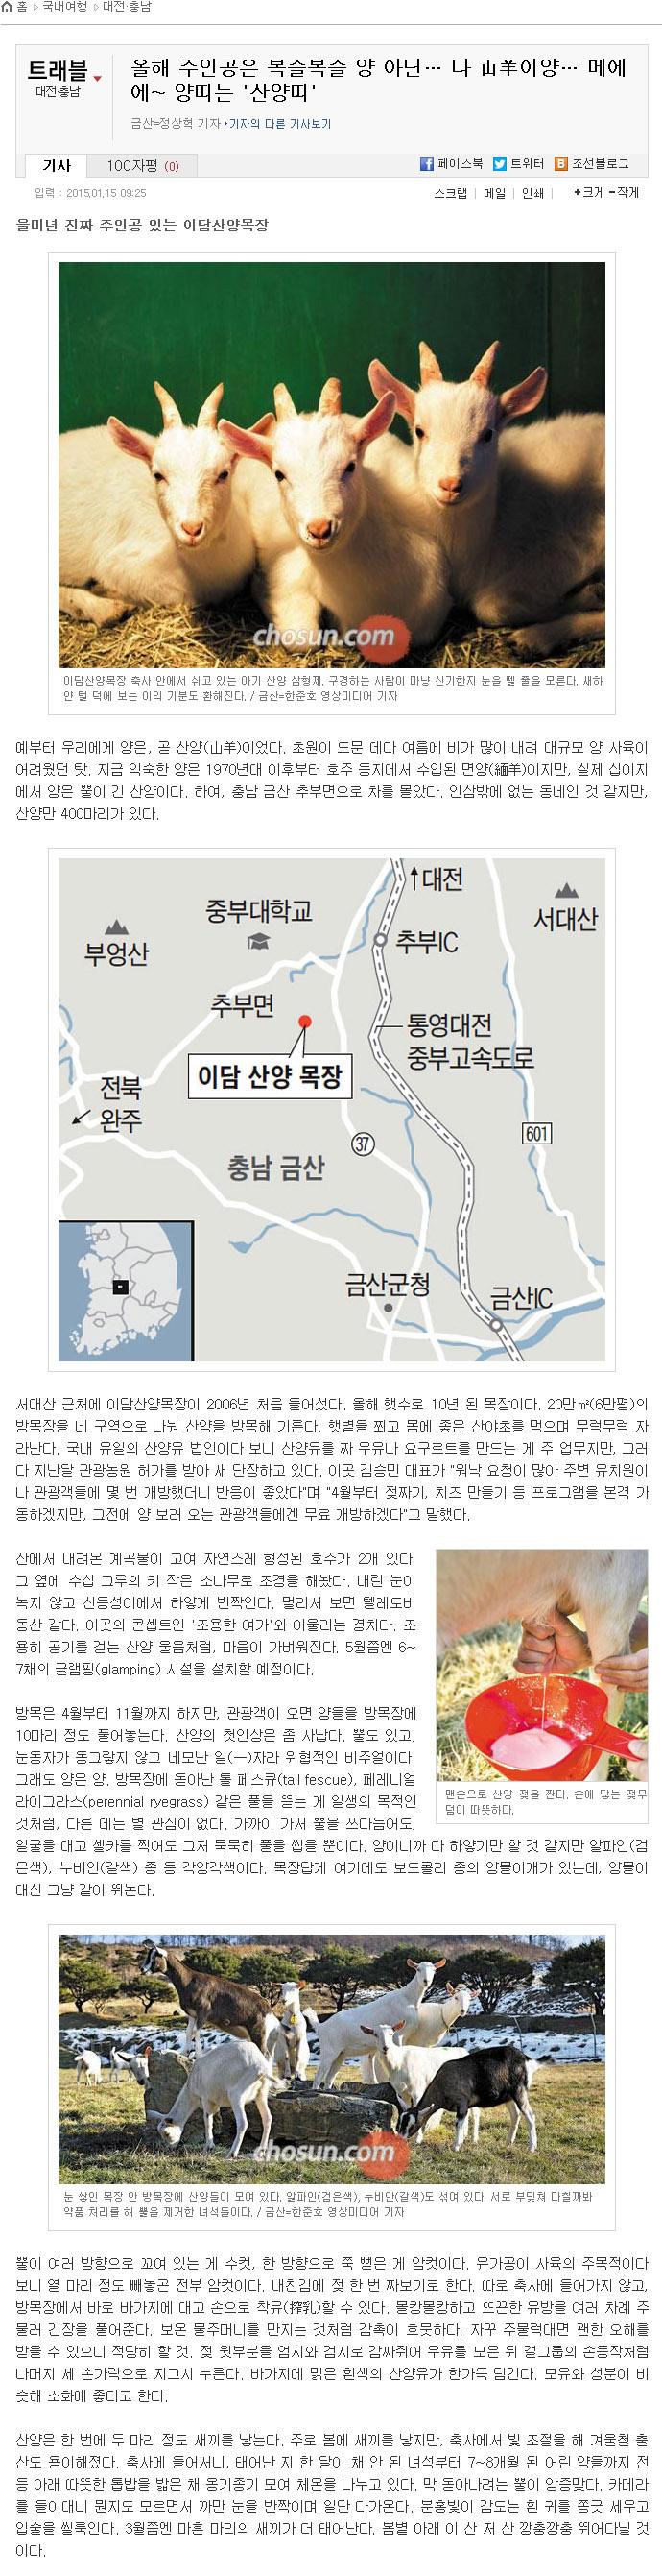 chosun0115.jpg